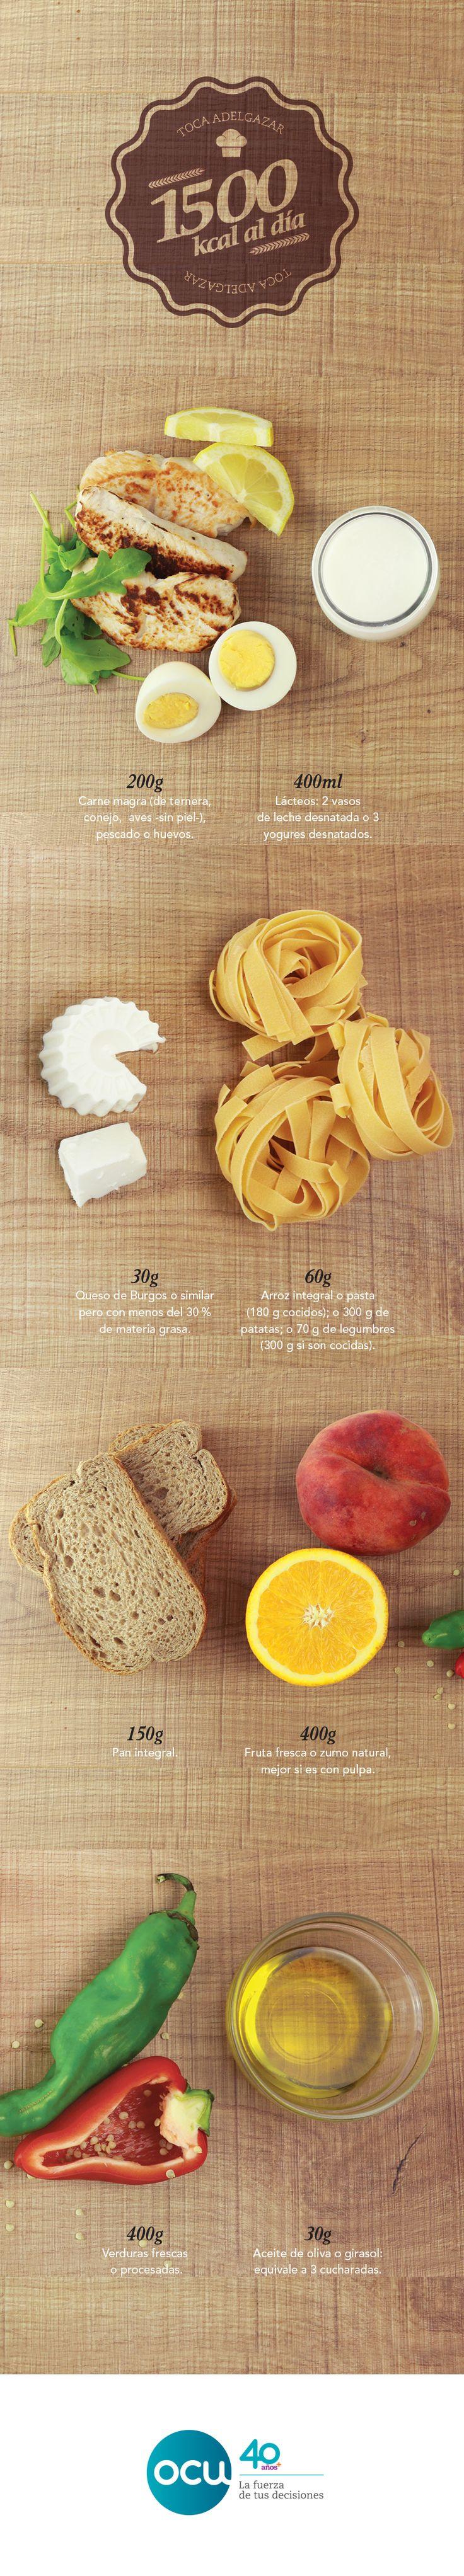 La clave para perder unos kilos está en seguir una dieta completa y equilibrada. Comer de todo, pero en las cantidades justas. Te ponemos un ejemplo para 1.500 kcal diarias.